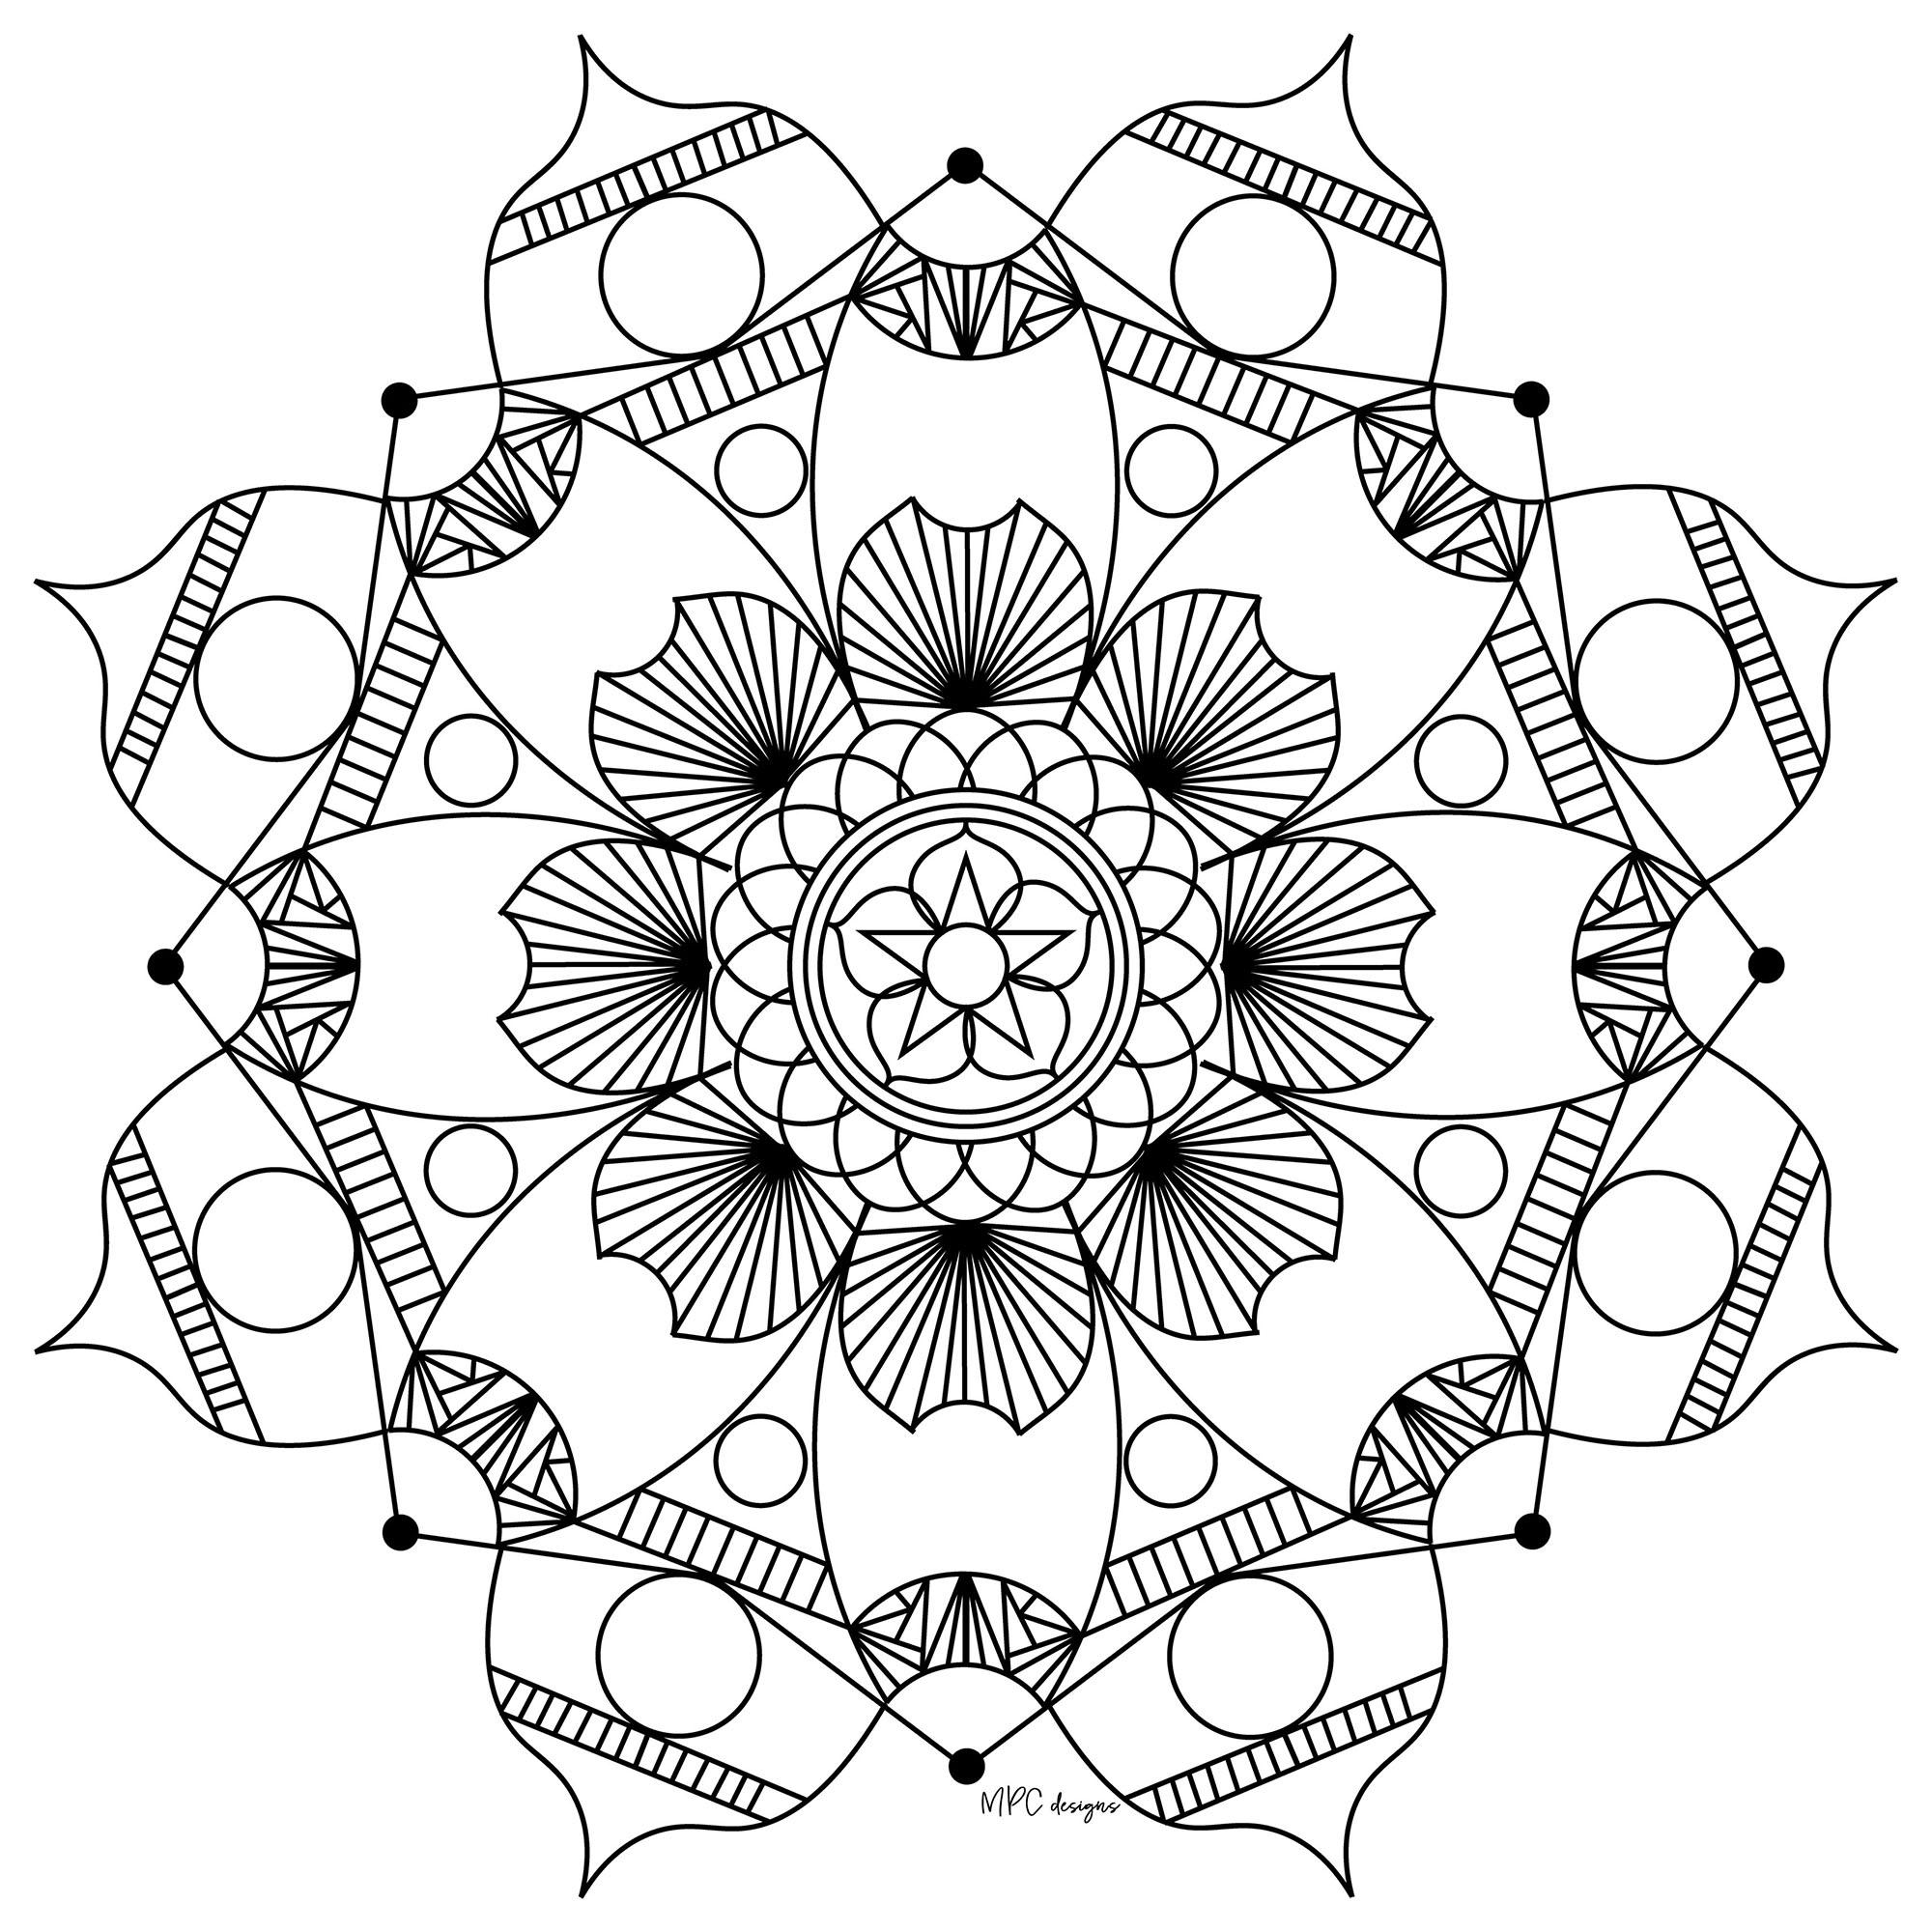 Mandala with cute petals